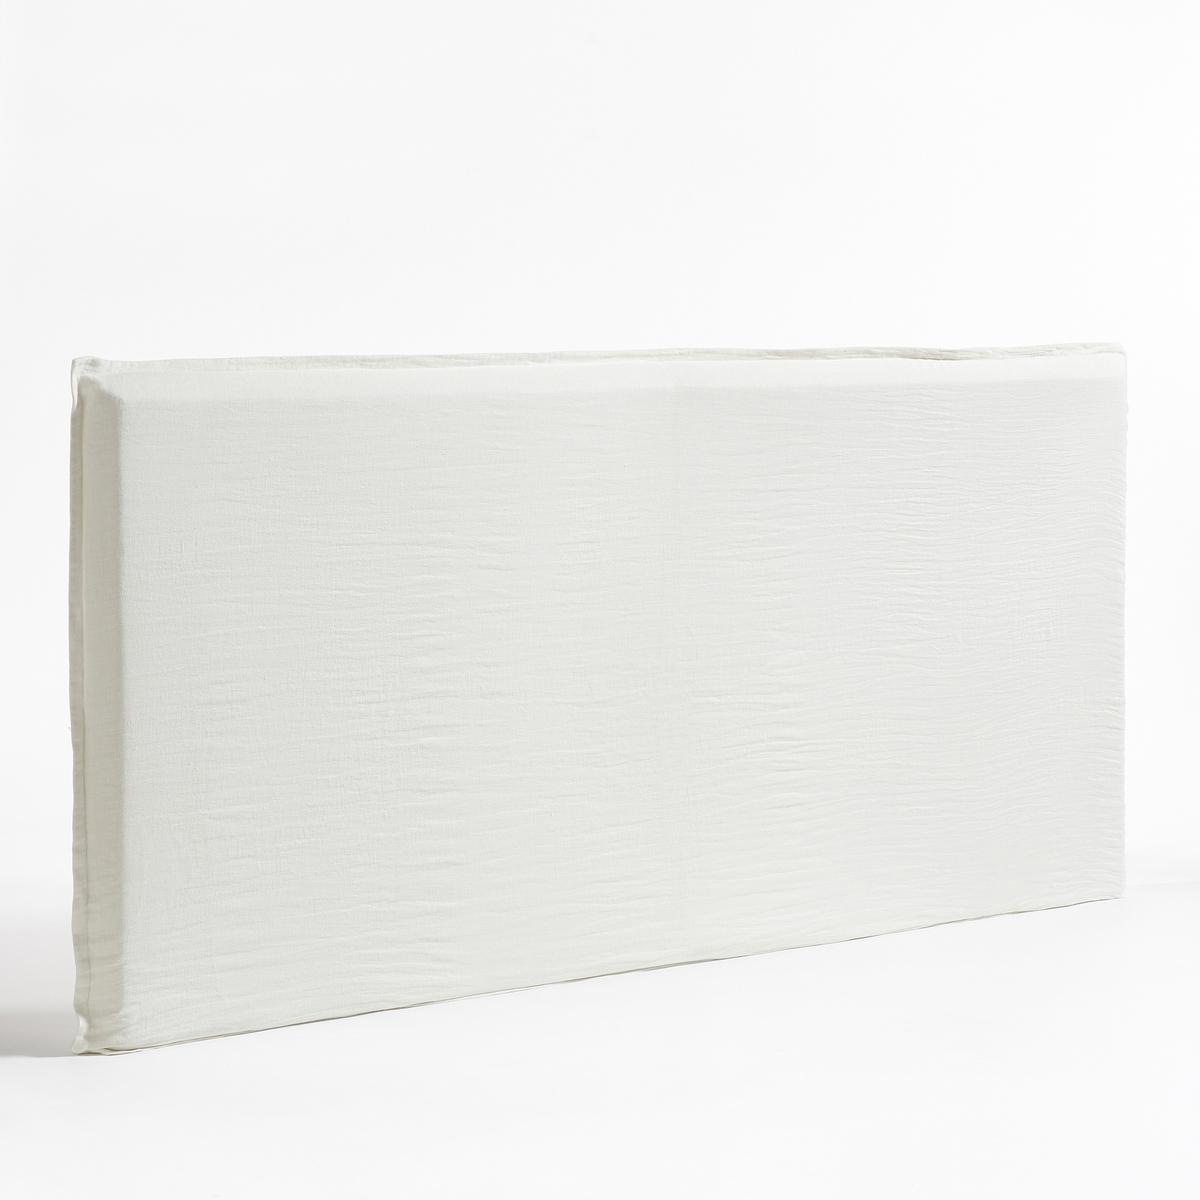 Чехол из стиранного льна для изголовья кровати XL, SandorЛьняной чехол XL  Sandor. Идеально подходит для изголовий кровати Sandor XL. Лен. Простой уход, легкий жатый и стиранный эффект, мягкий, нежный современный материал, который со временем только становится лучше.Материал :- 100% плотный лён. Отделка :- В форме наволочки, плоский волан в 2,5 см. Уход :- Машинная стирка при 40 °С. Размеры :- Ширина 265 x Высота 135 см.<br><br>Цвет: белый,серо-синий